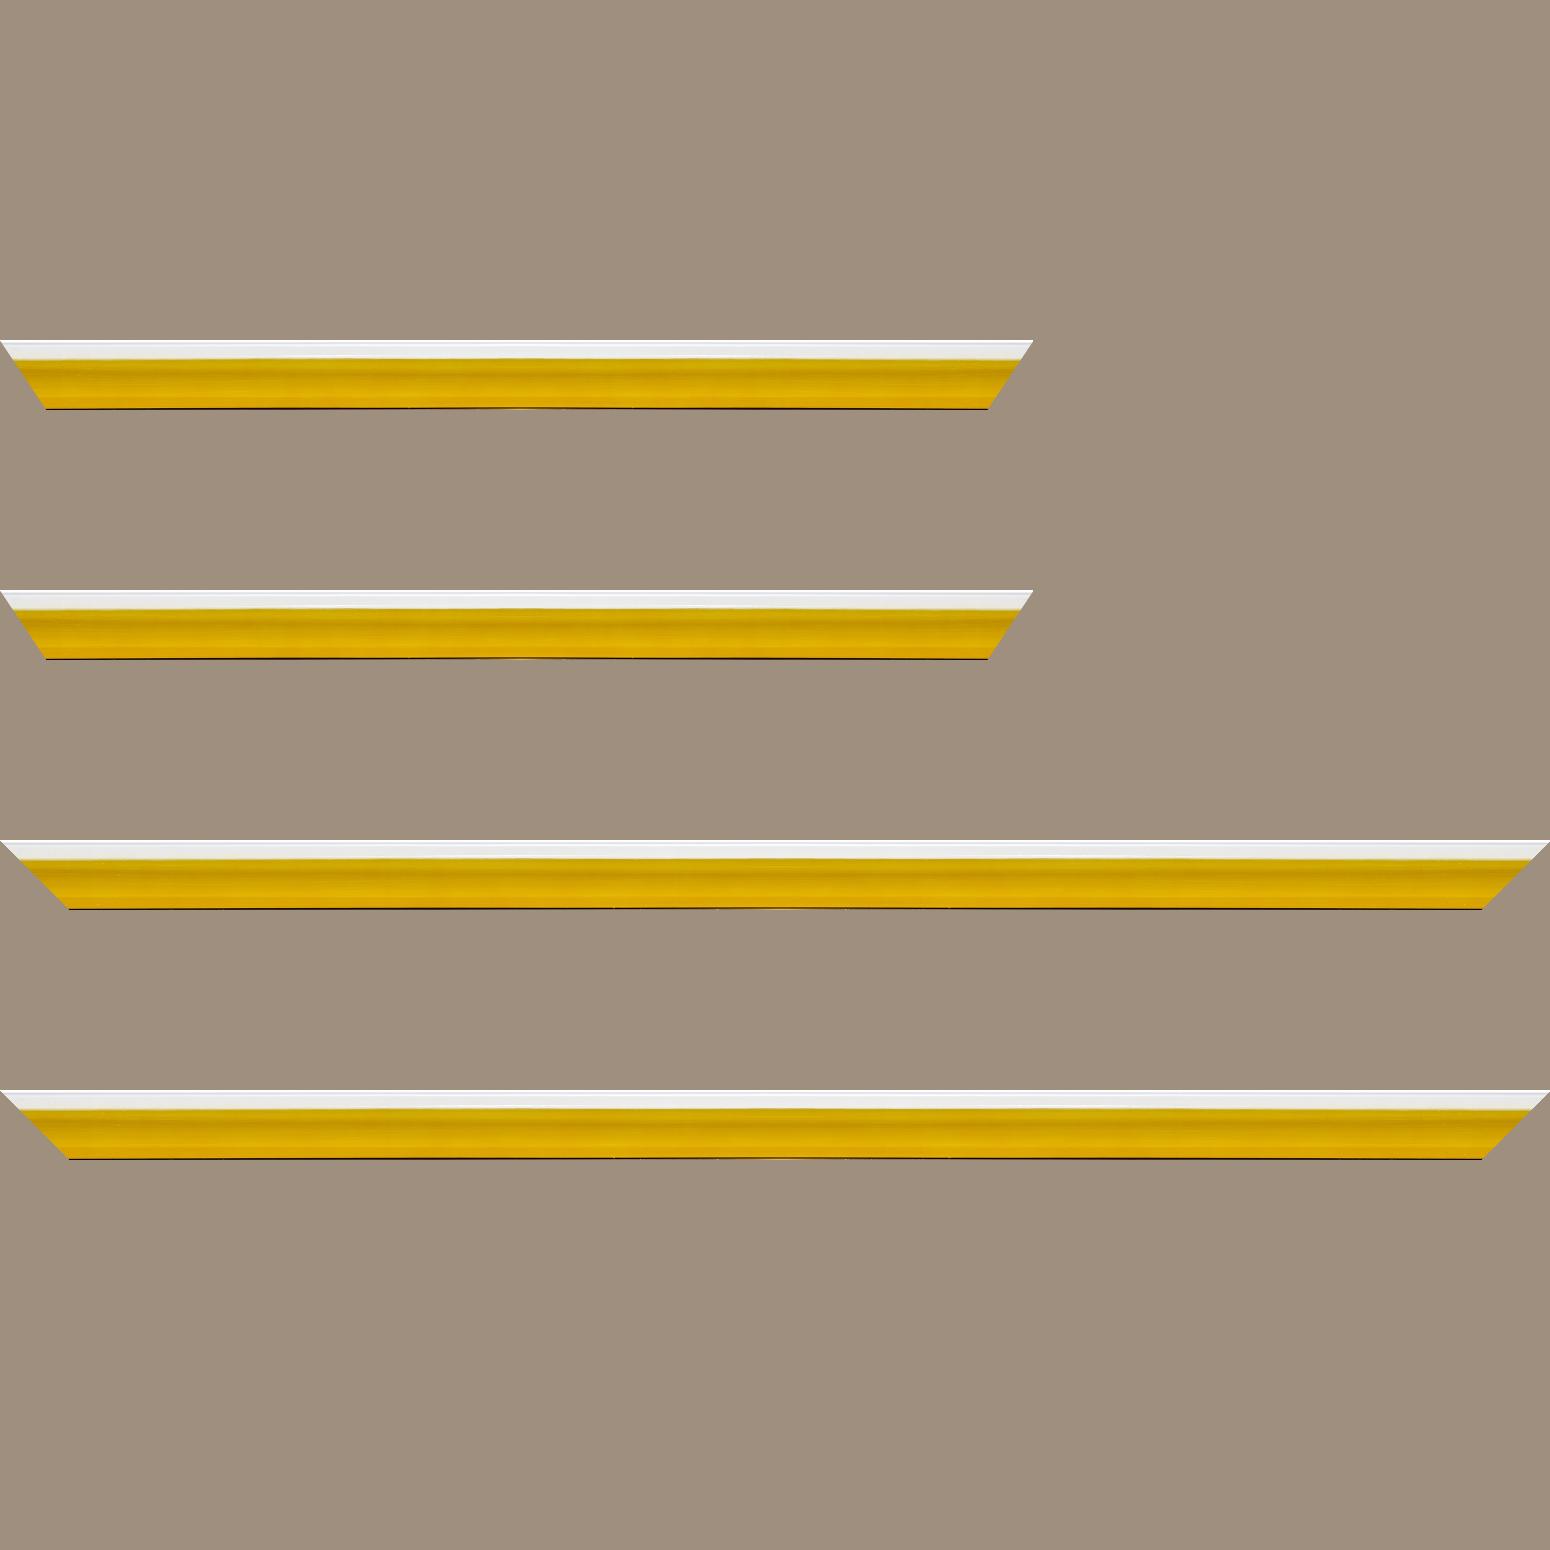 Baguette service précoupé Bois profil en pente plongeant largeur 2.2cm couleur jaune laqué filet extérieur blanc laqué